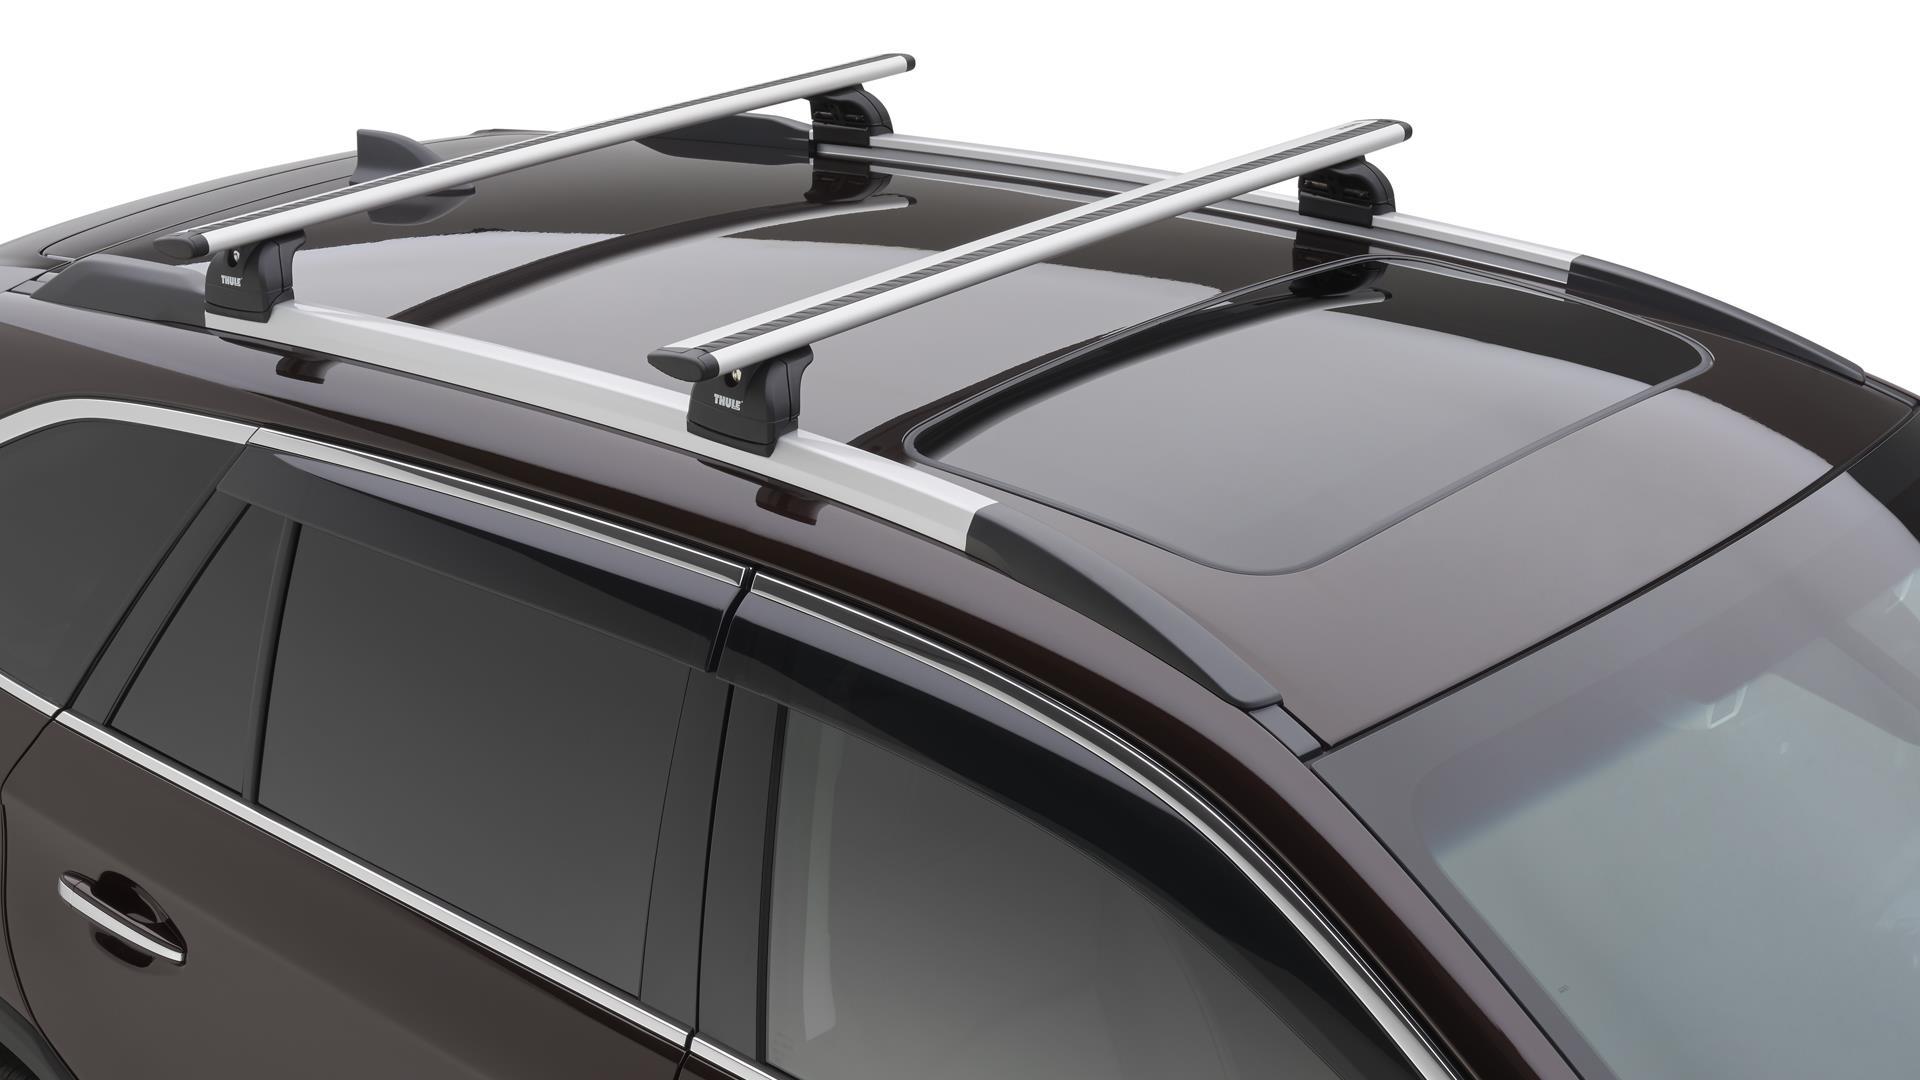 Shop Genuine 2017 Subaru Outback AccessoriesSubaru of America